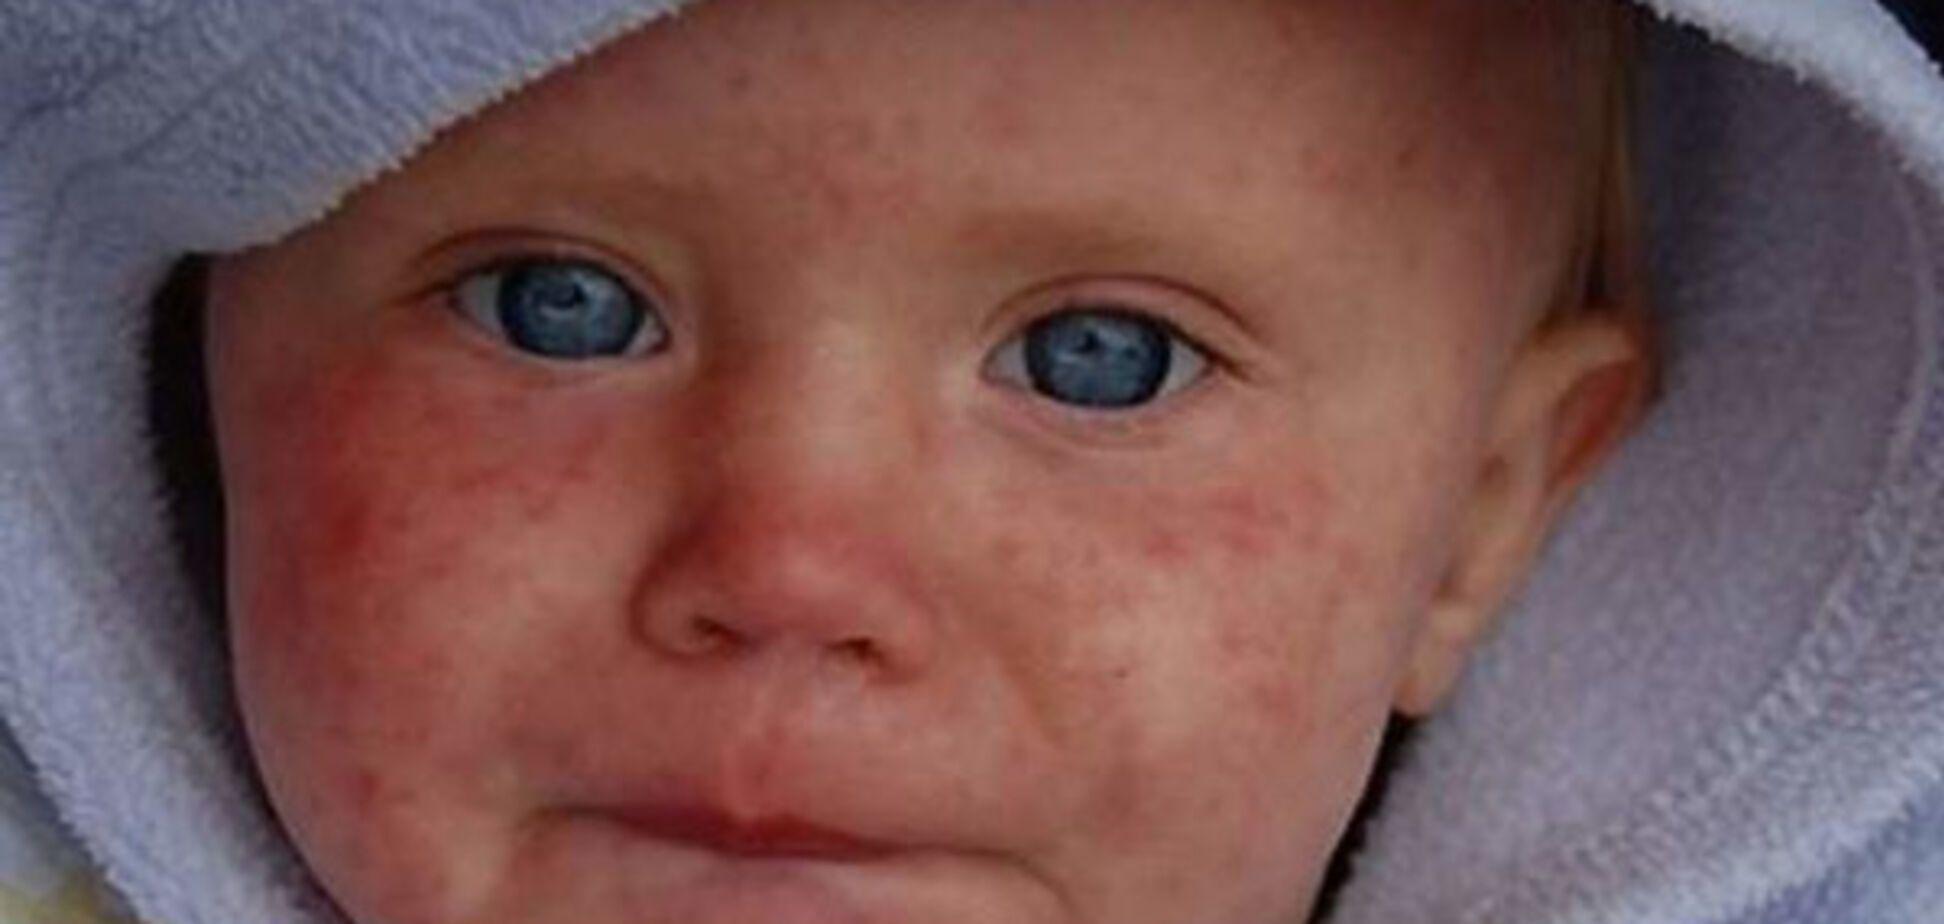 В Україні зафіксували сильний спалах небезпечної хвороби